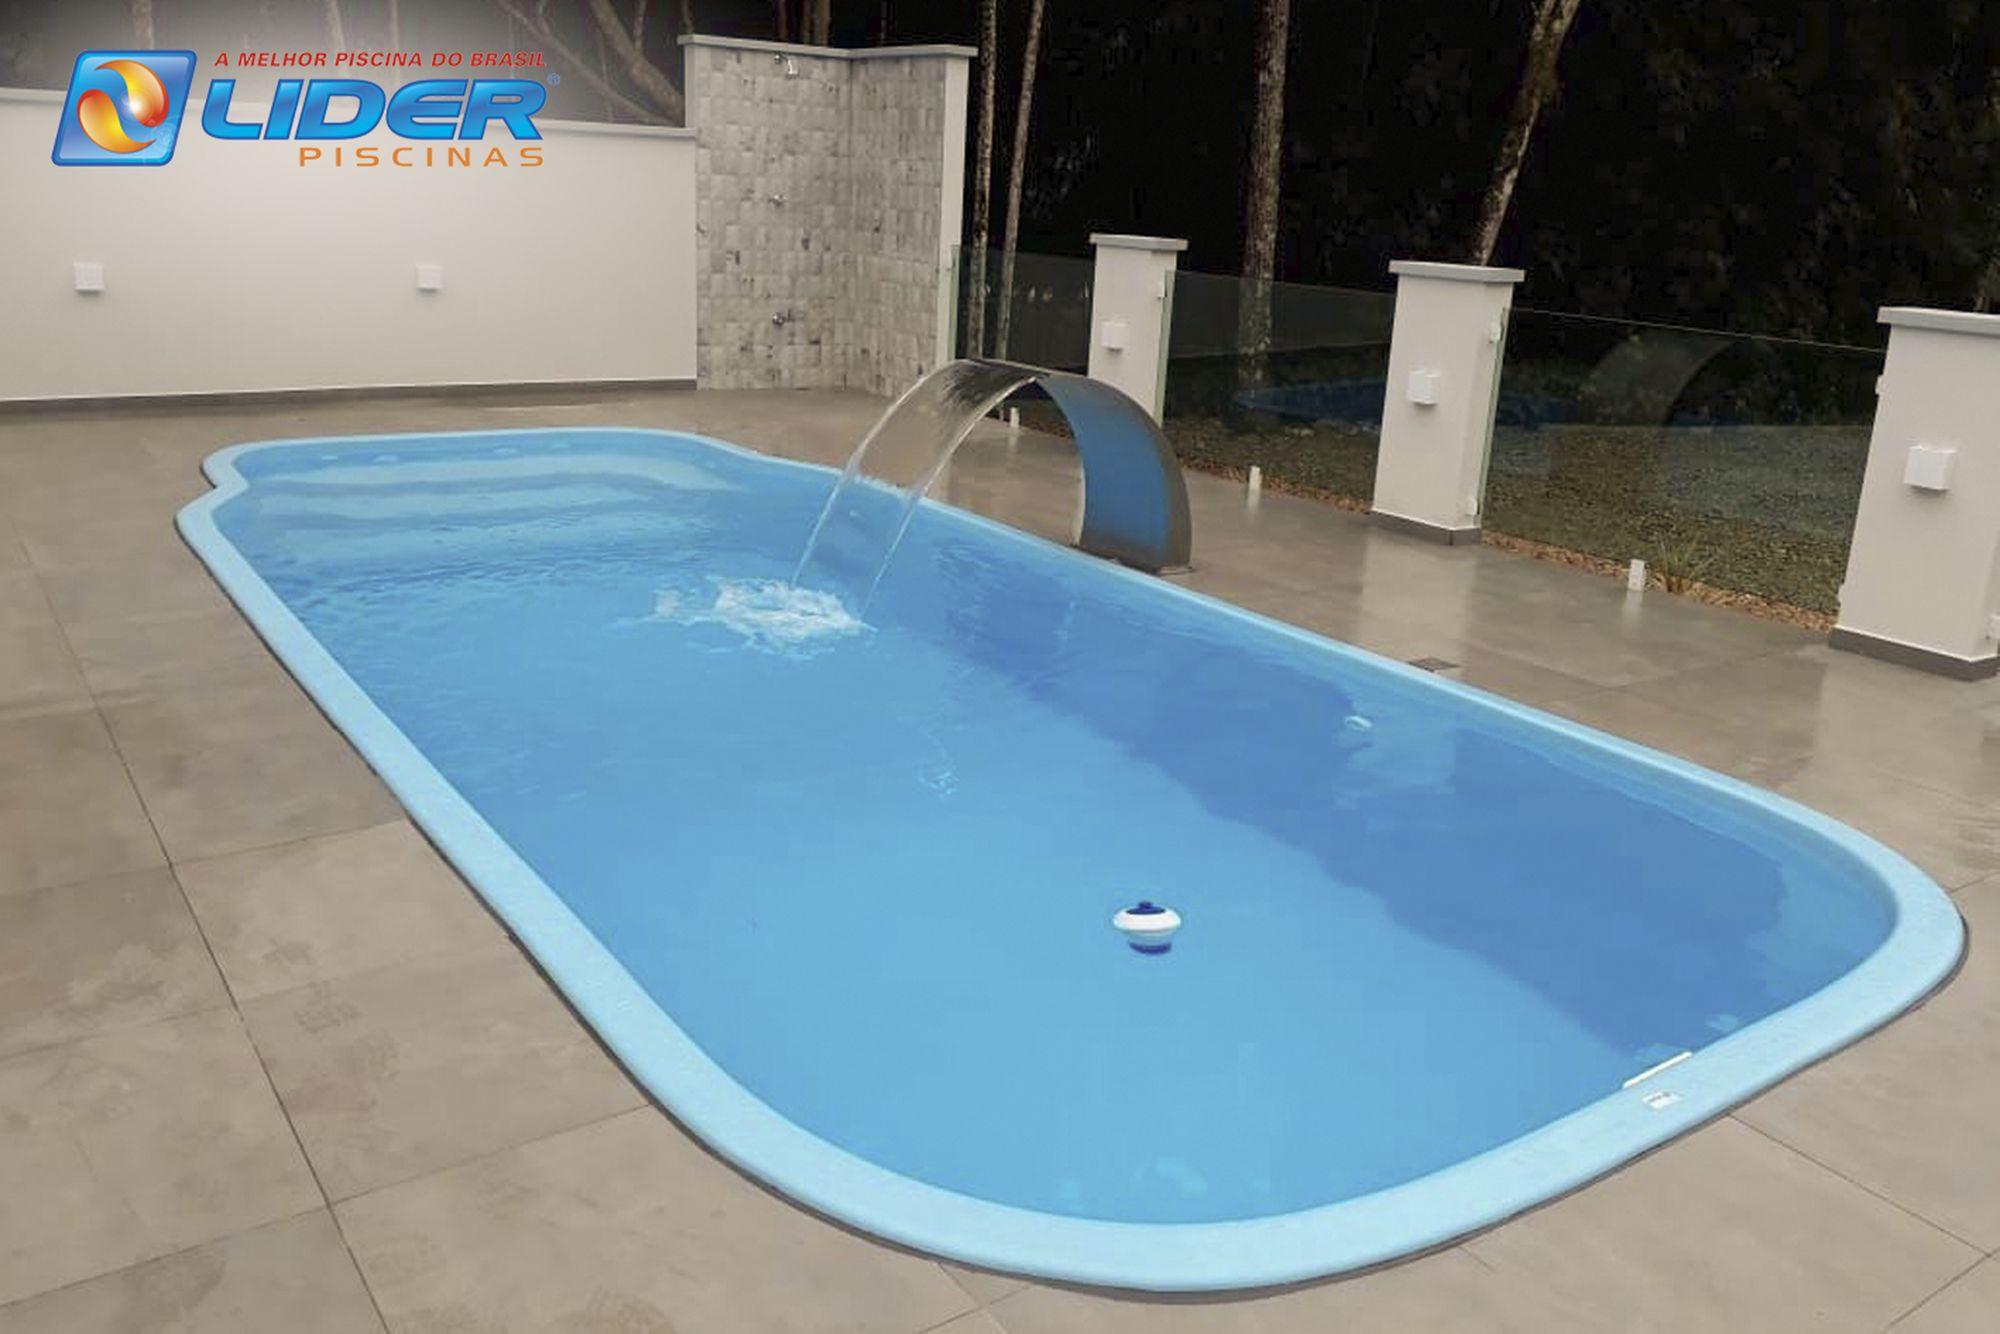 Medidas de piscinas fabulous ipanema medidas x x m um dos - Medidas de piscinas ...